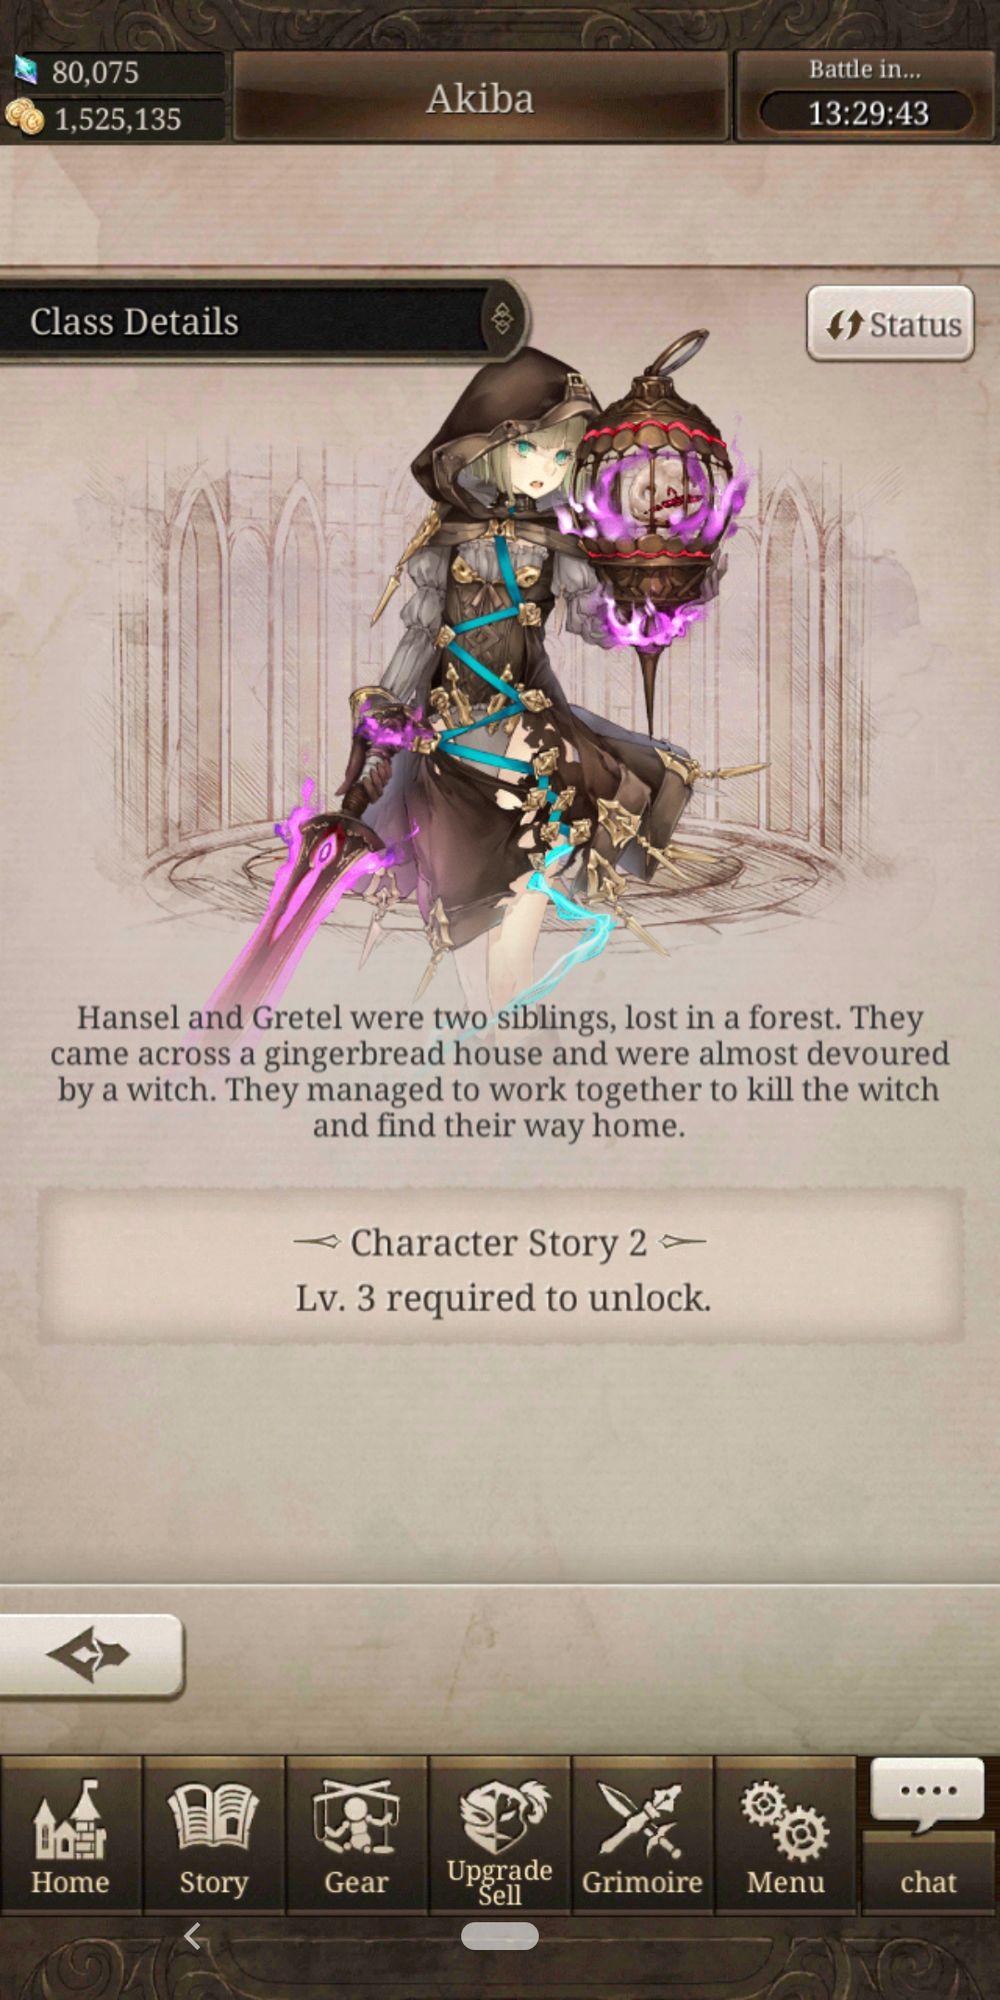 La storia di Gretel